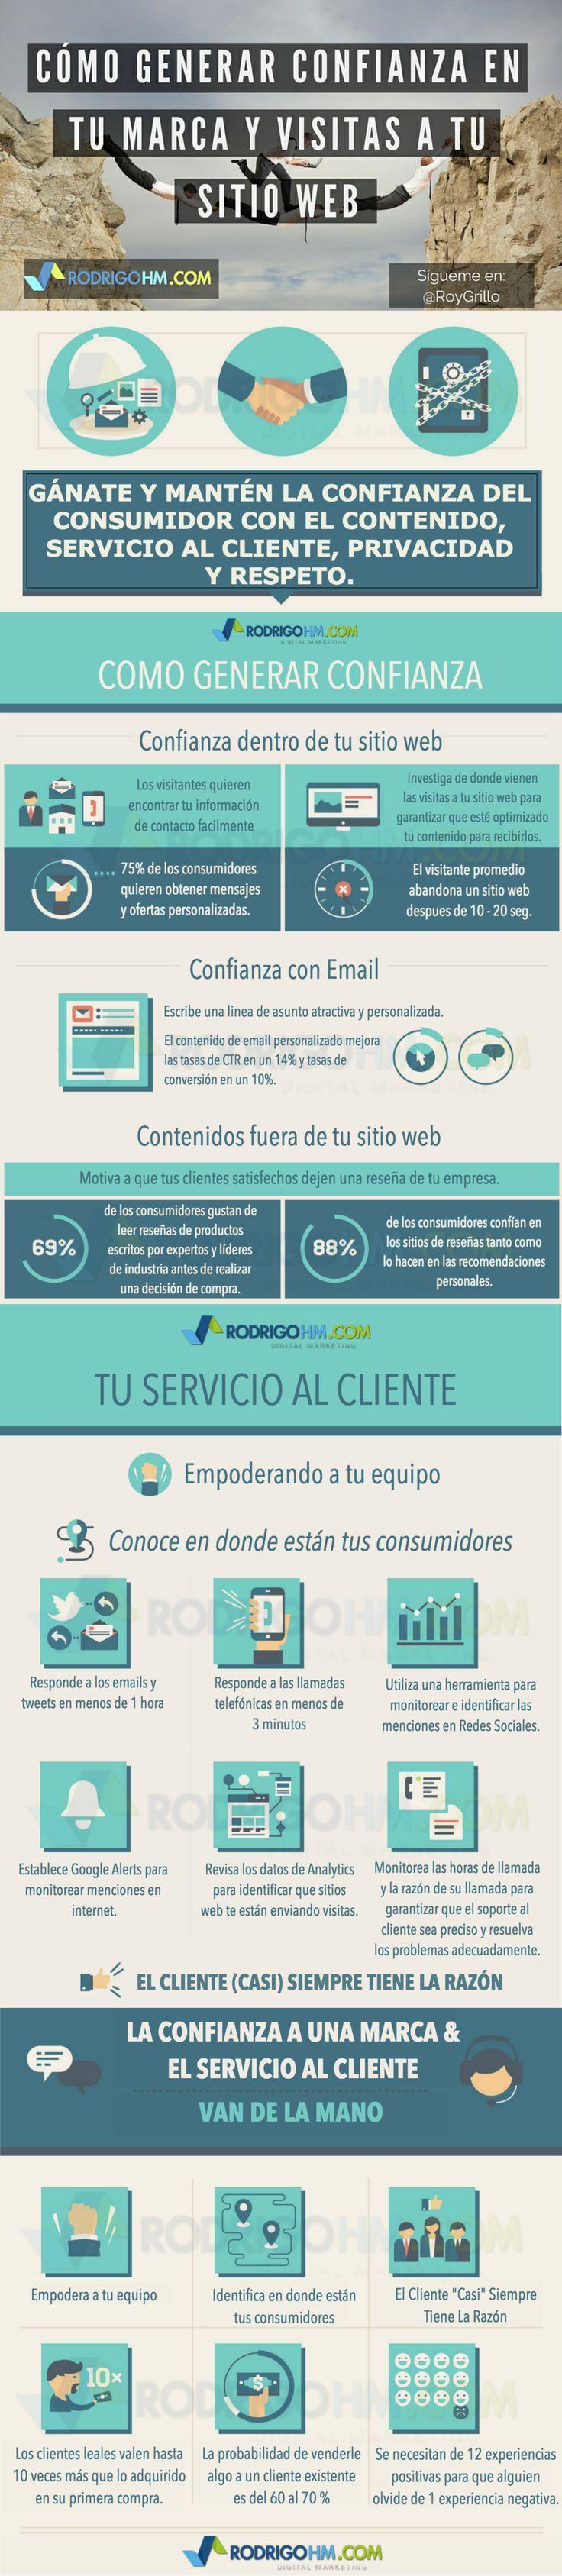 Cómo generar confianza de Marca y visitas a tu Web #infografia